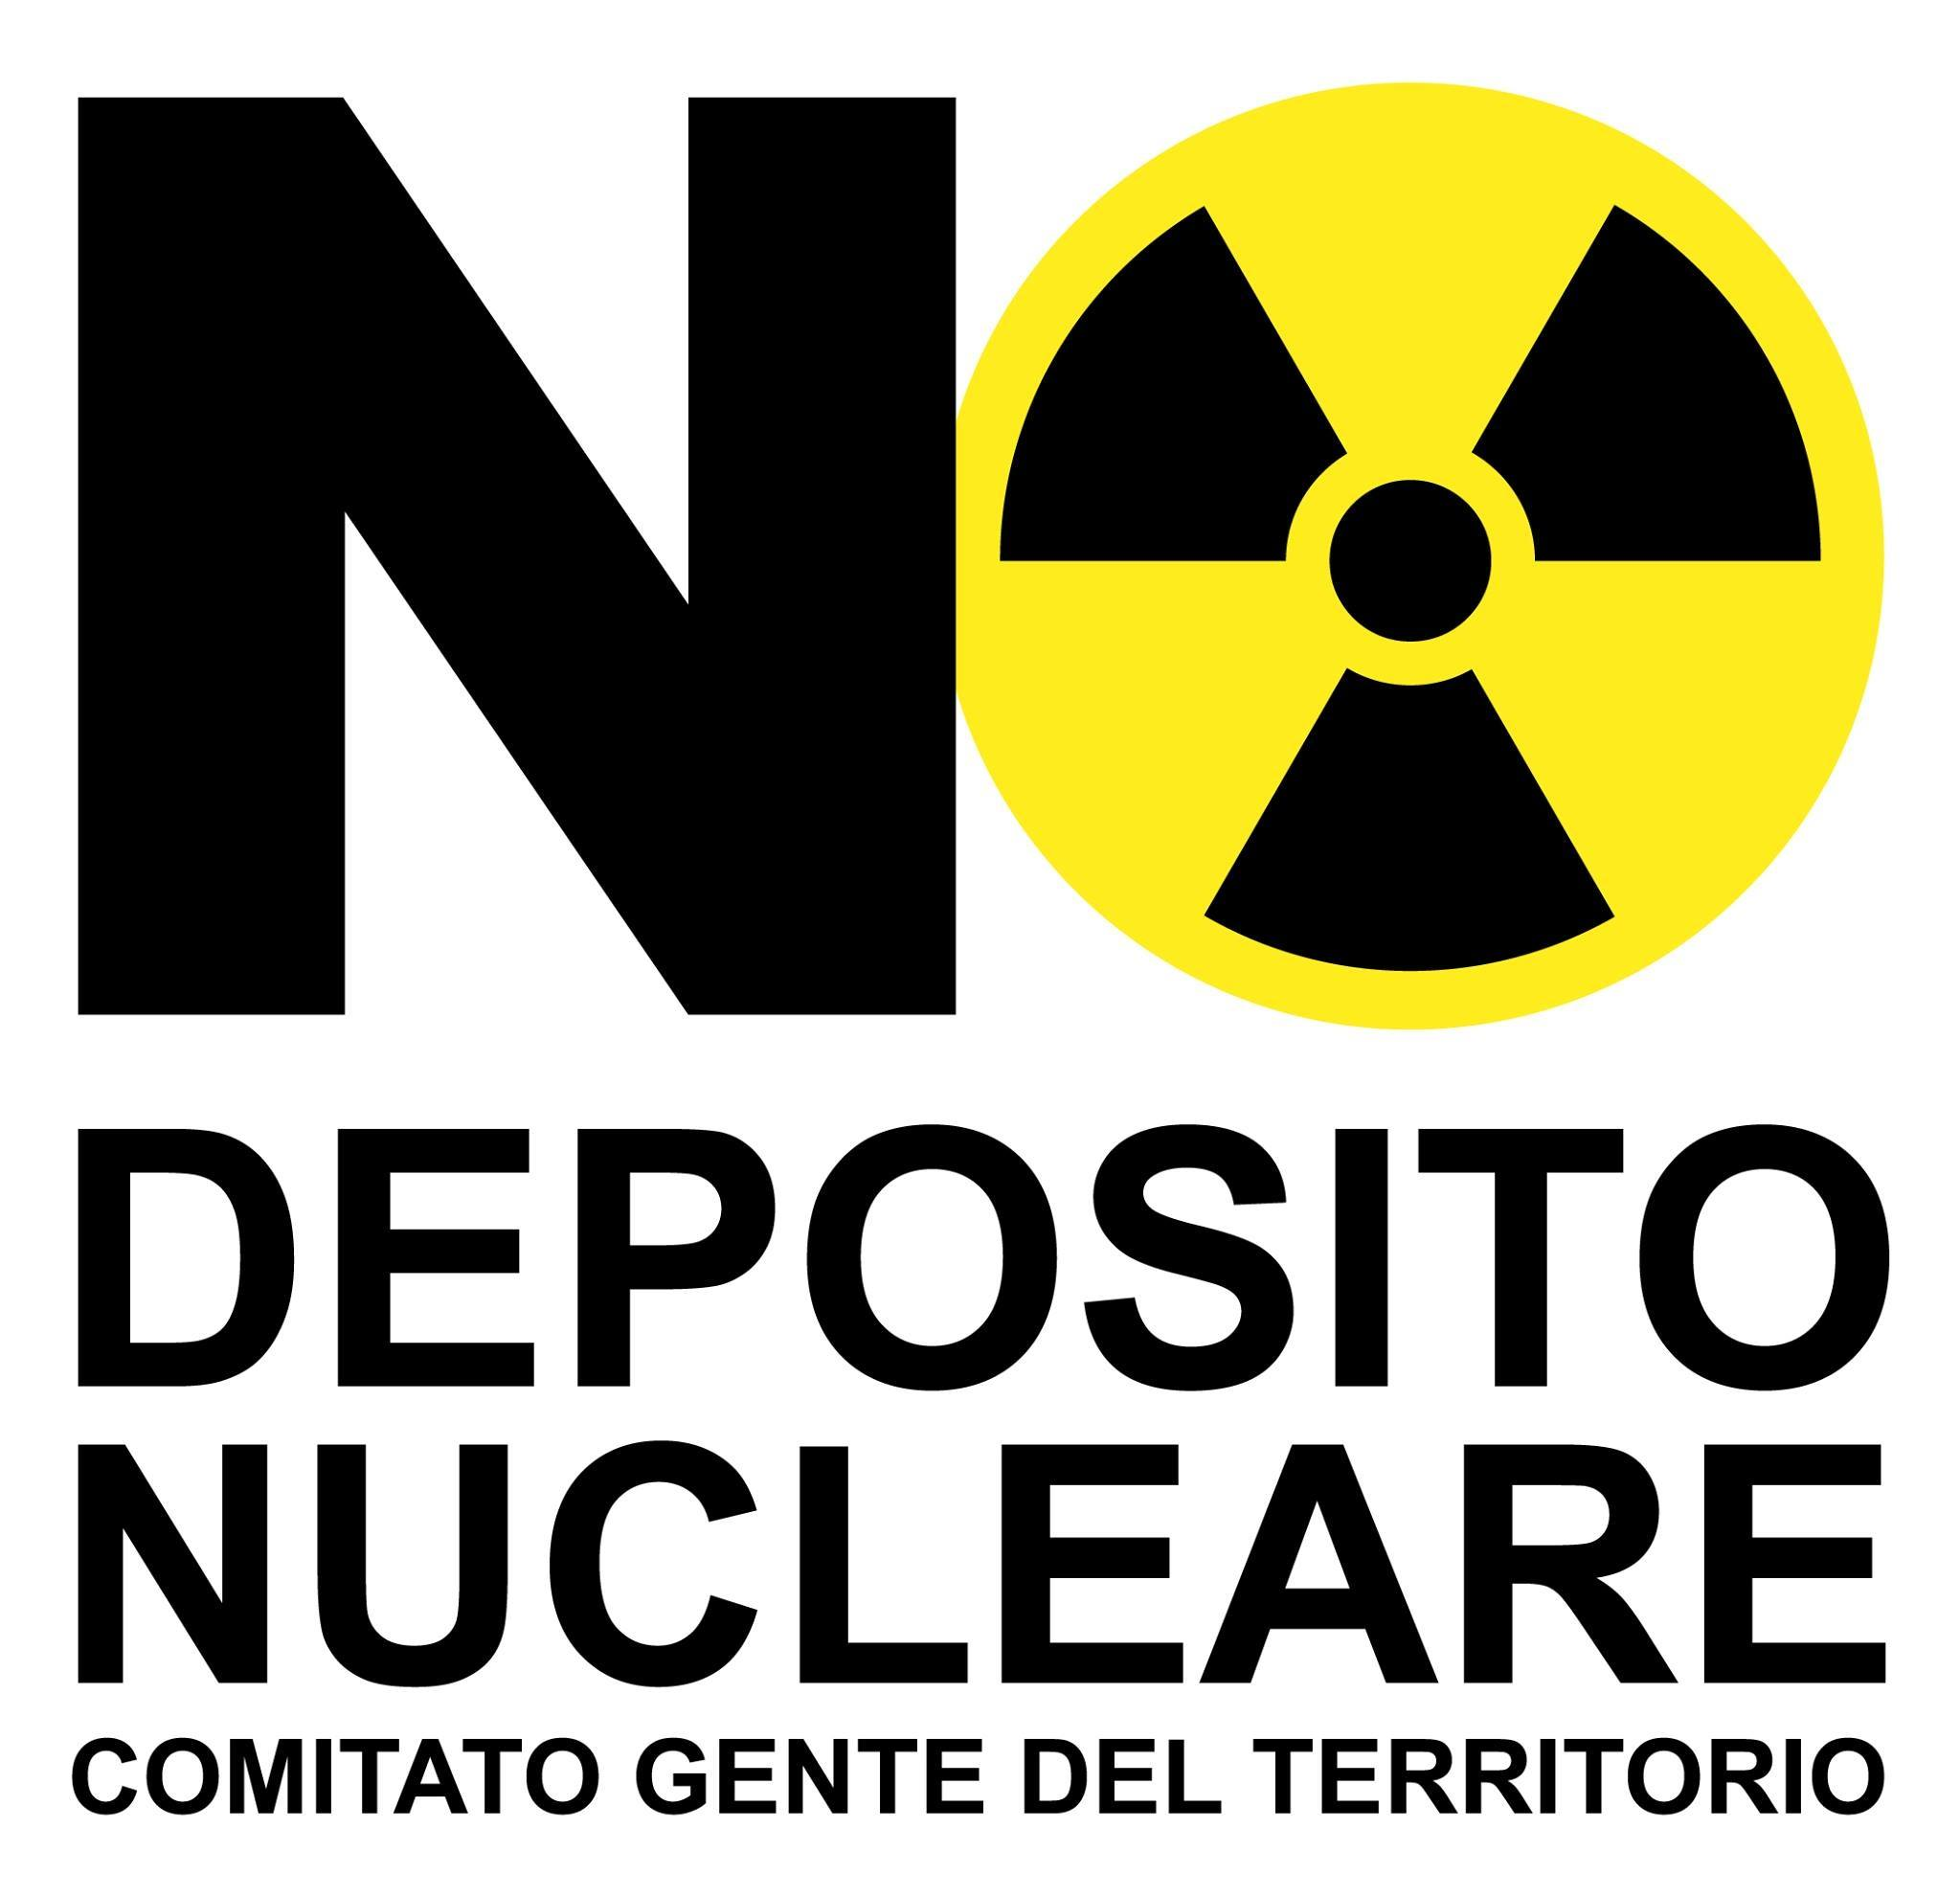 NO DEPOSITO NUCLEARE – COMITATO GENTE DEL TERRITORIO